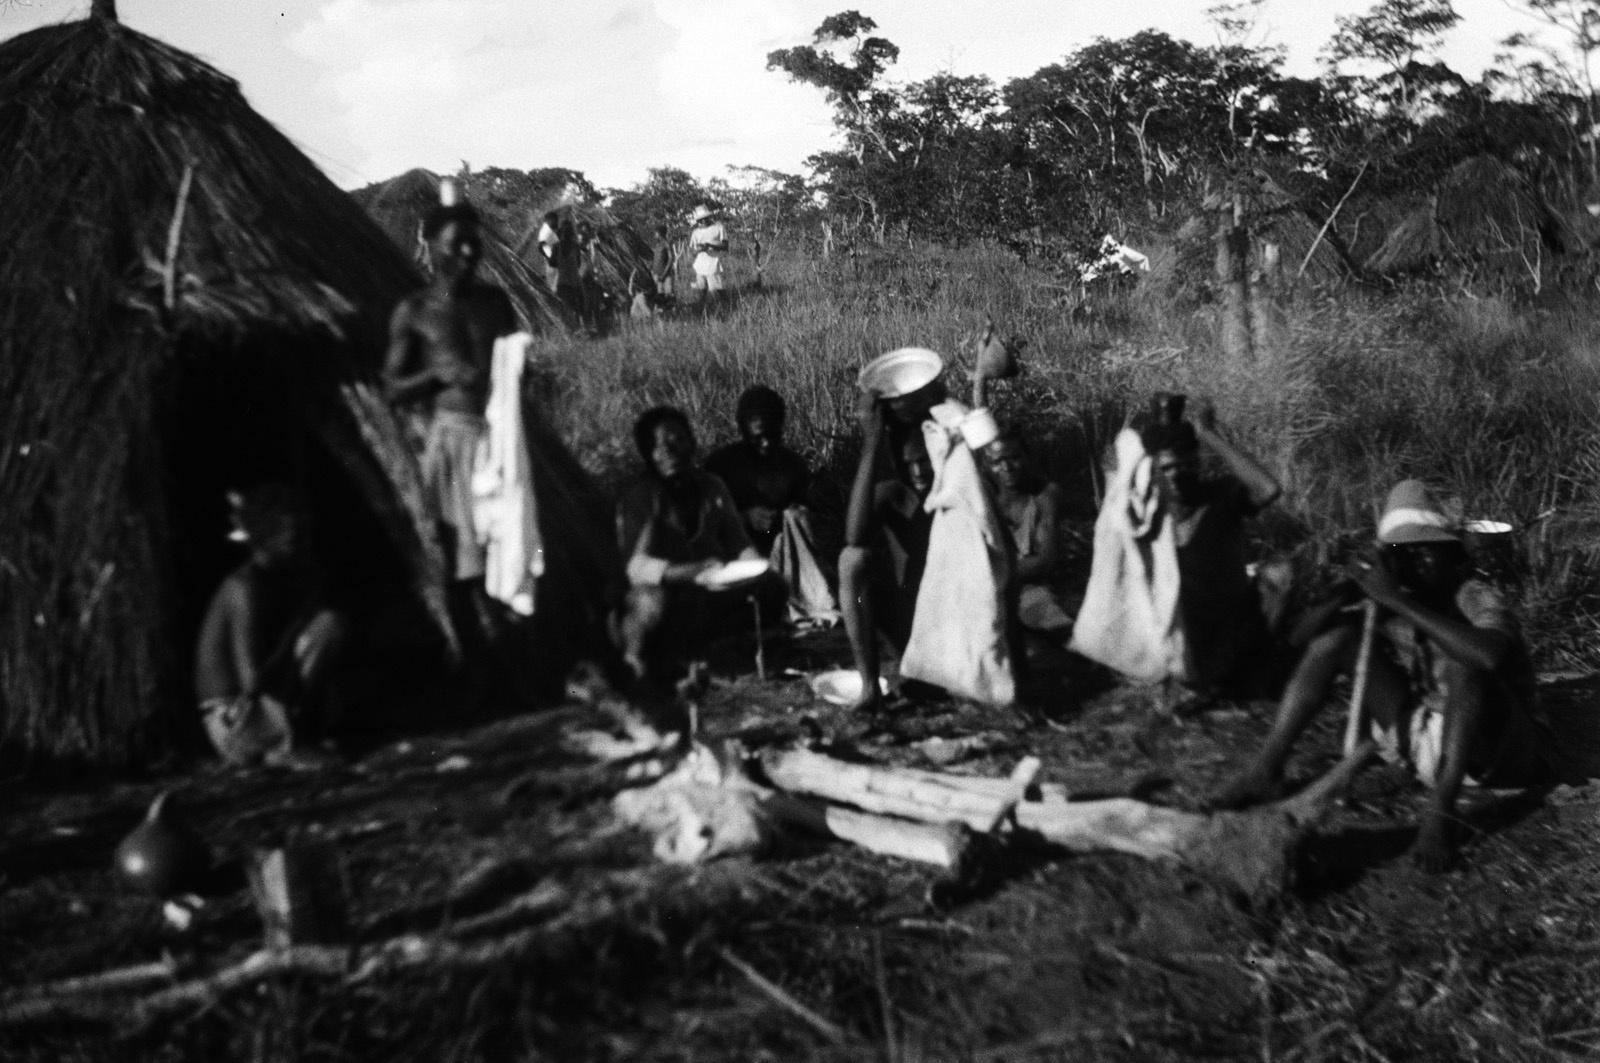 Капири Мпоши. Группа мужчин калвенис перед хижиной во время перерыва